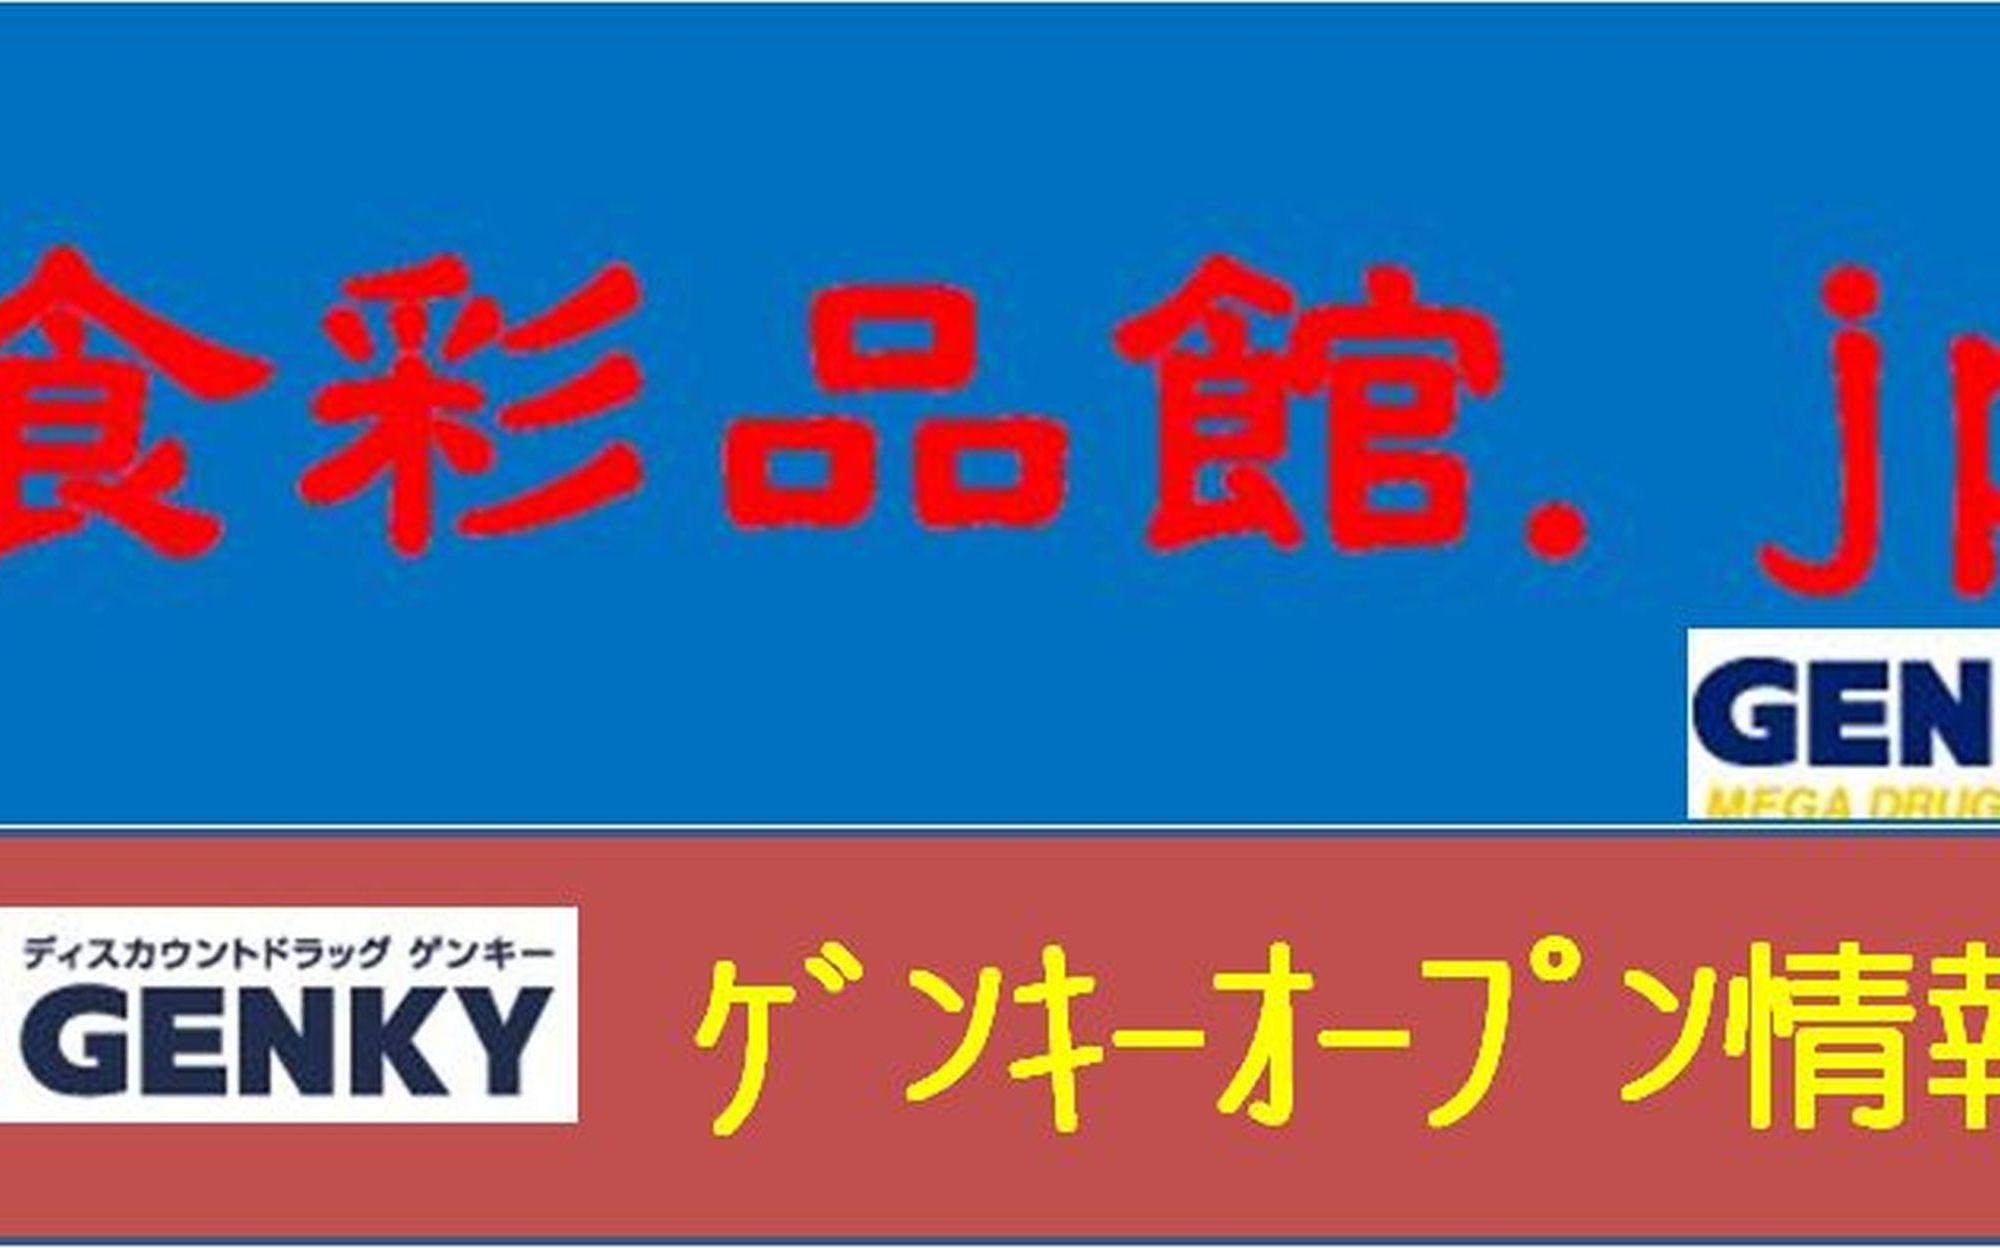 ゲンキー万行町店(GENKY,石川県七尾市)2020年12月26日オープン